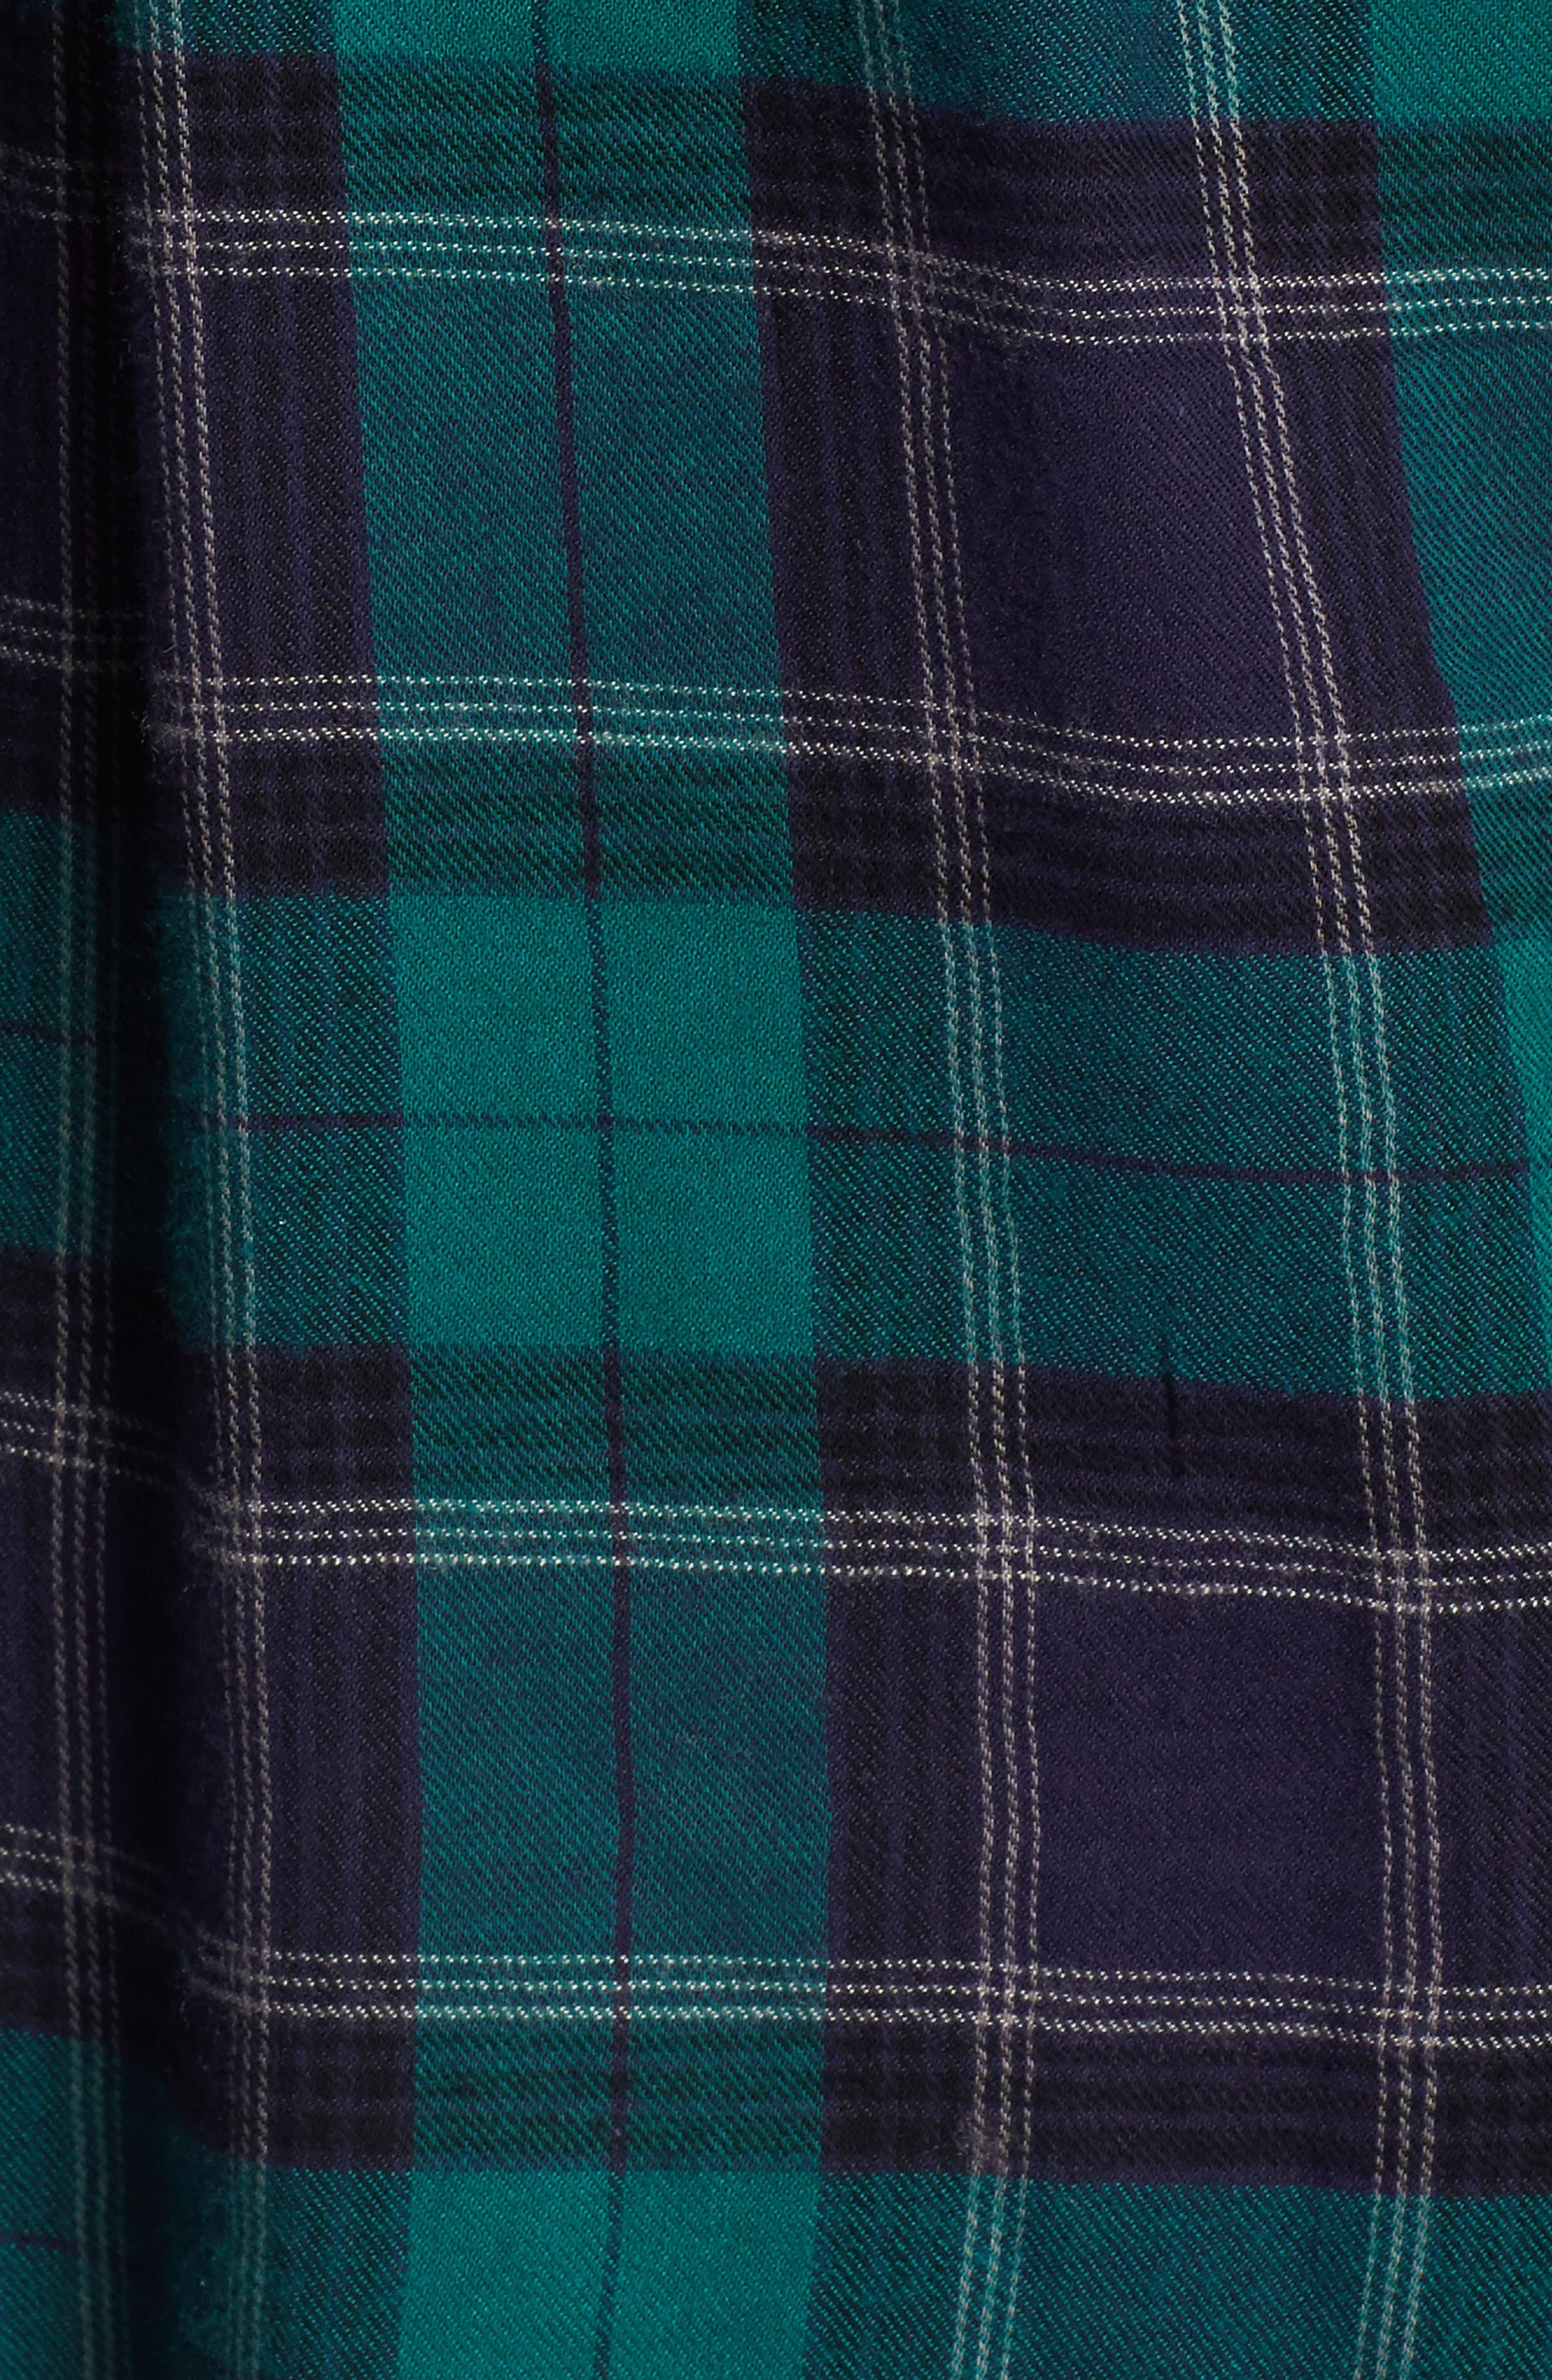 Plaid Cotton Blend Shirt,                             Alternate thumbnail 5, color,                             301